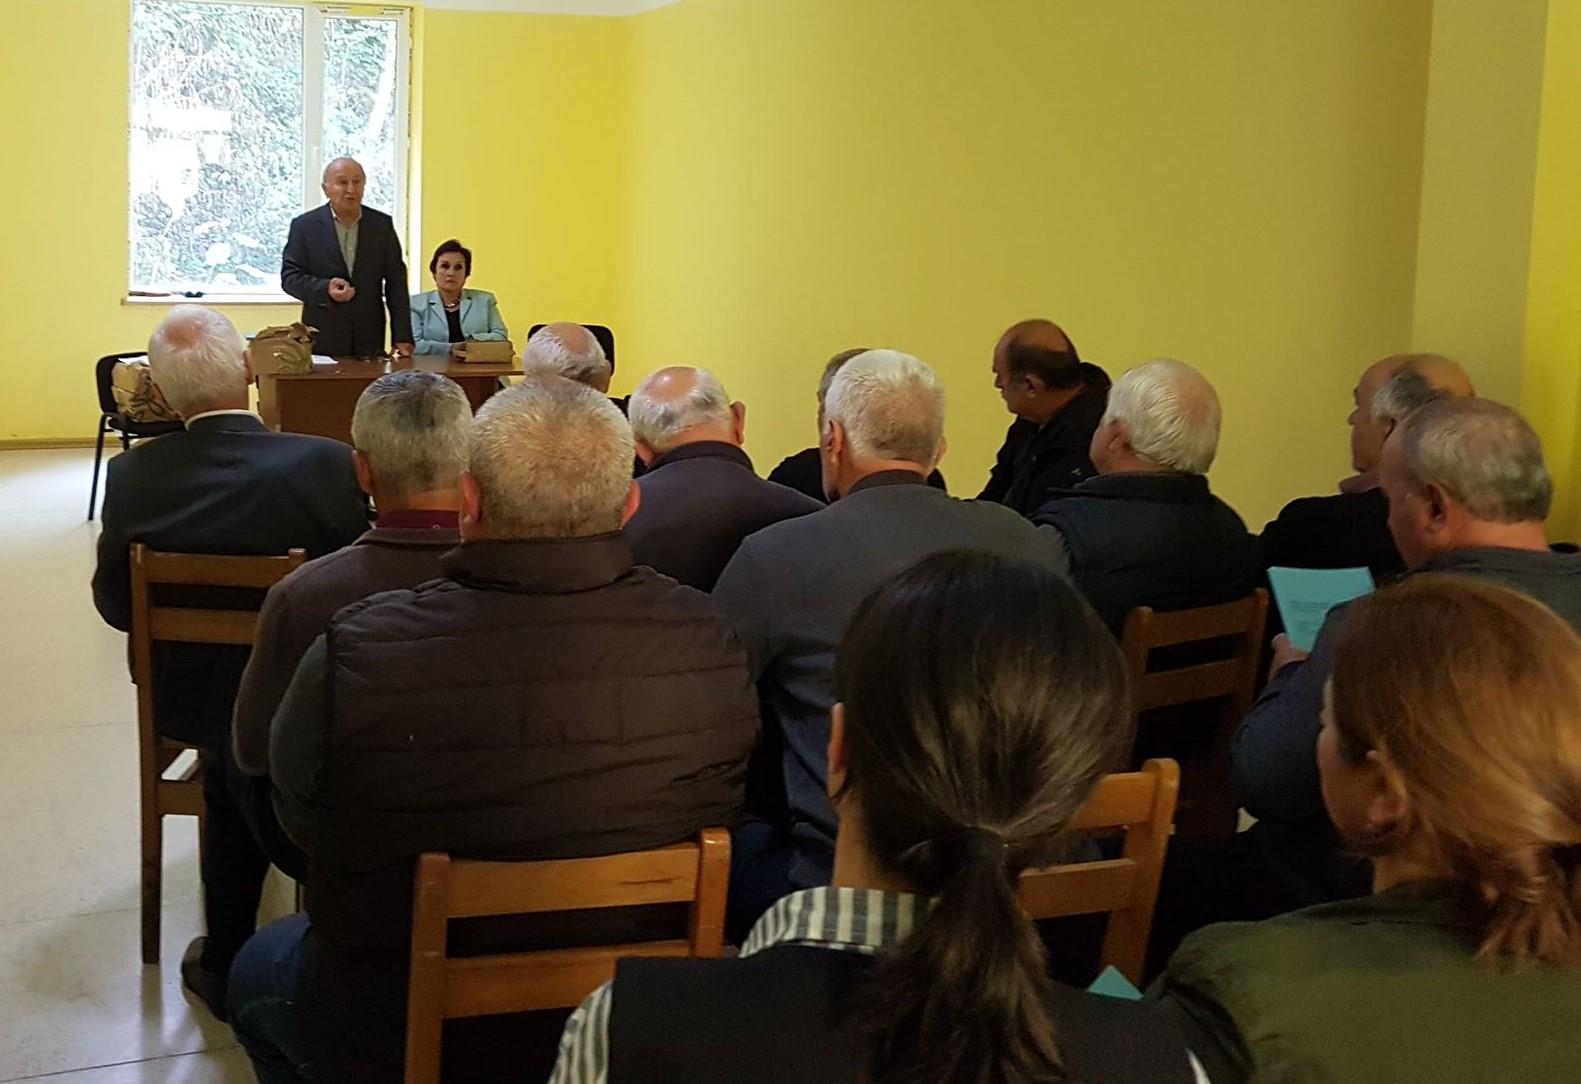 მრჩეველთა საბჭომ საინფორმაციო შეხვედრა მერისსა და ოქტომბერში გამართა